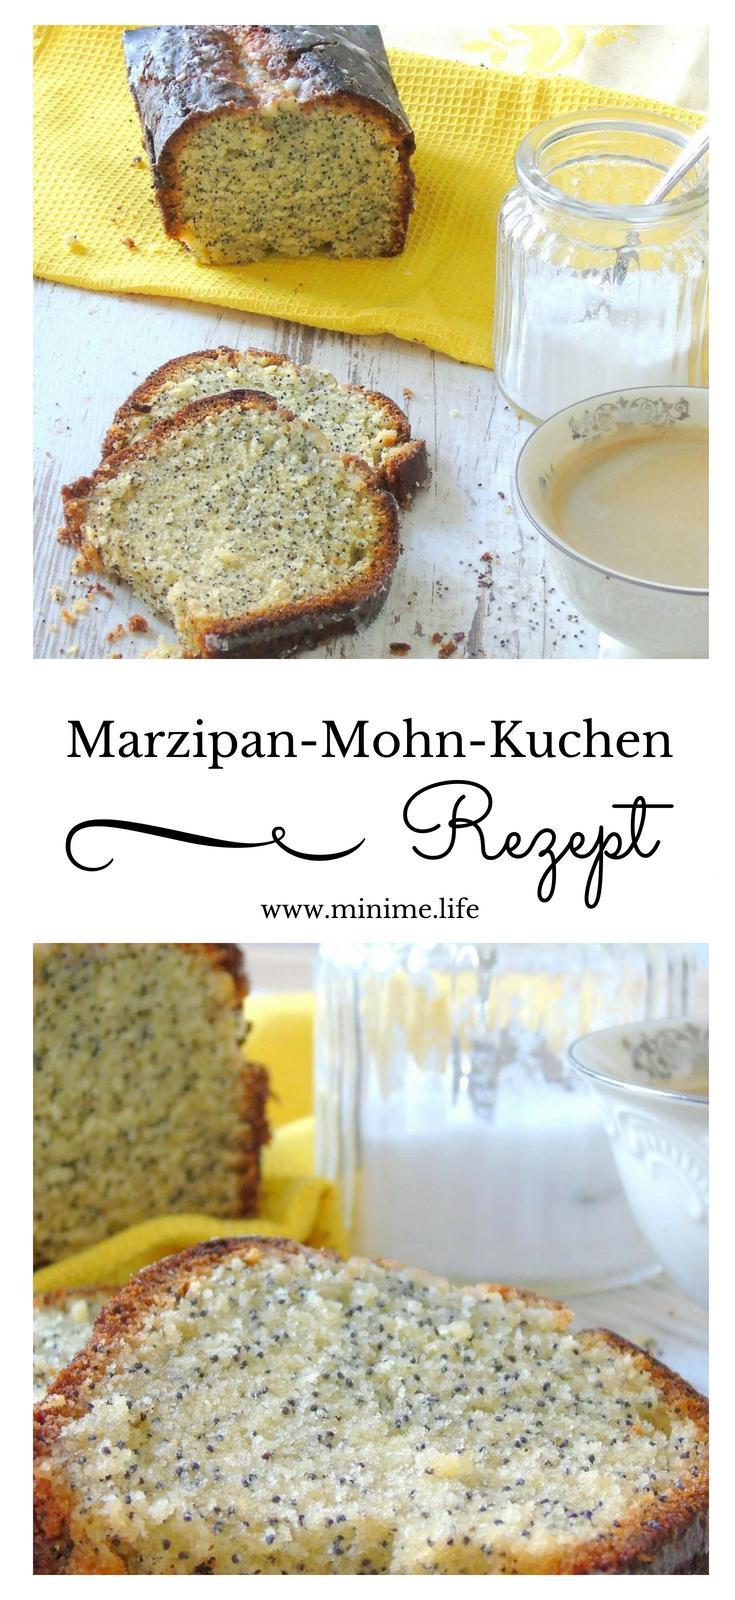 Mohnkuchen Mit Marzipan Und Zitronenguss Rezept Kochen Backen